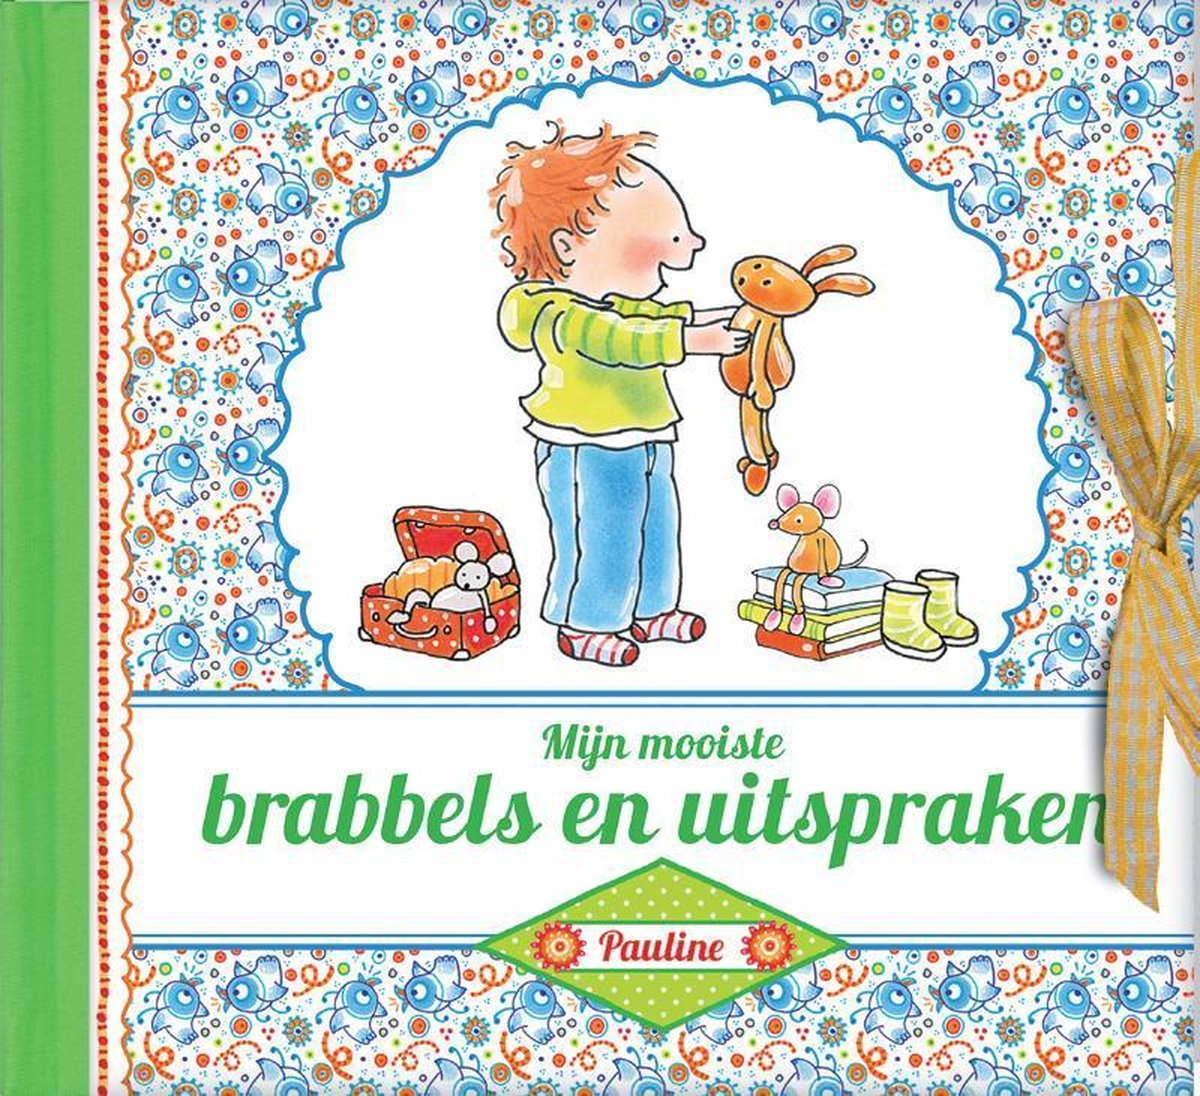 Mijn mooiste brabbels en uitspraken Pauline Oud - Hardcover - Dagboek - 21 x 19 x 2,5 cm - Pauline Oud